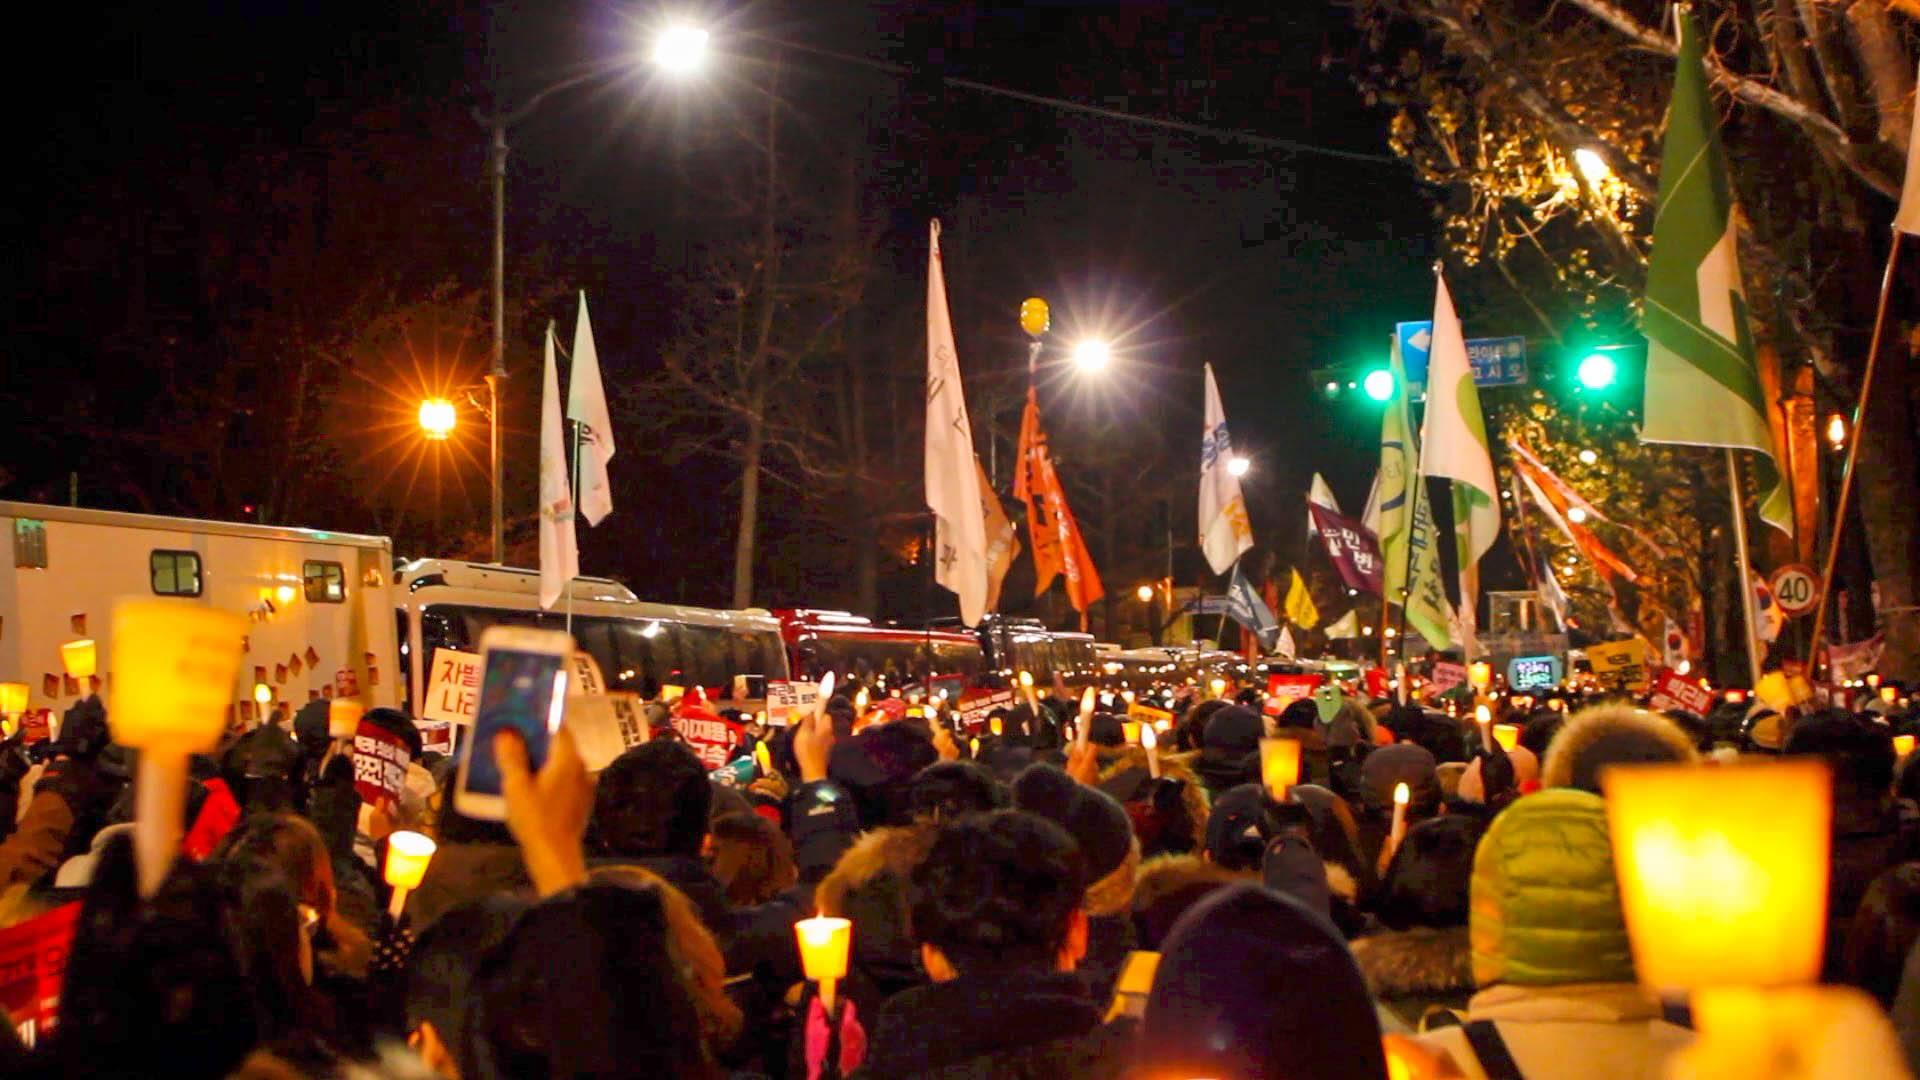 일상의 민주주의 행사가 있던 날의 촛불집회 현장. 국회에서 결정된 탄핵가결에 집회는 계속 되었다. ©Eric Sweet